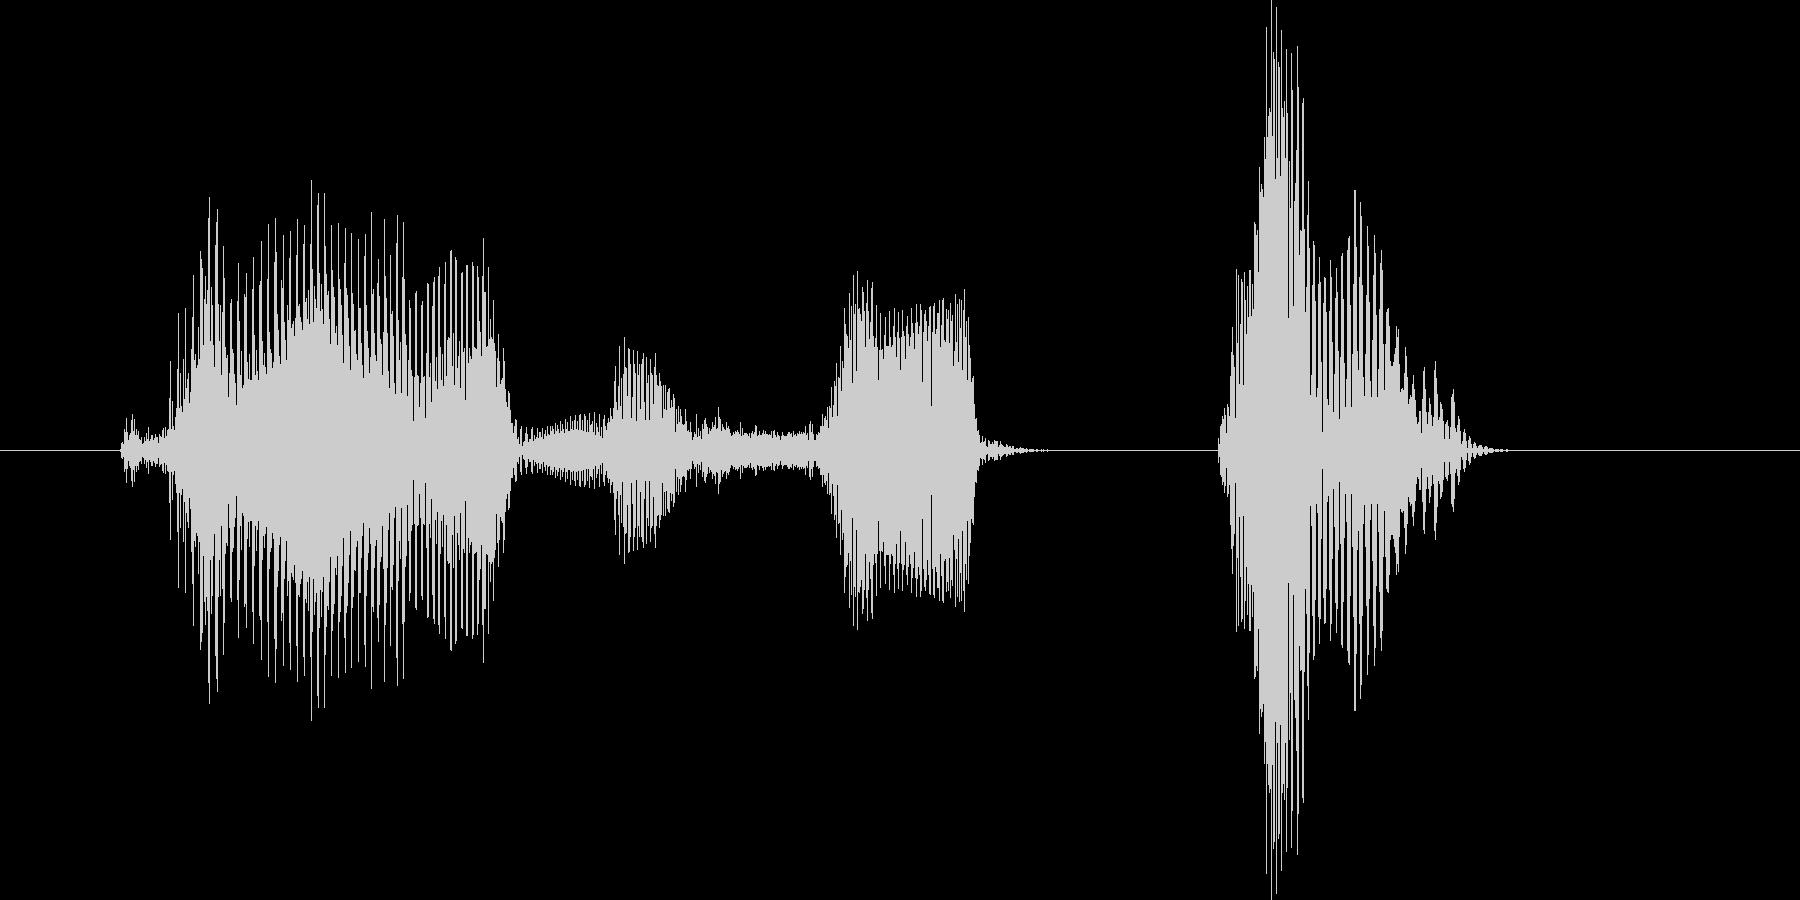 ゲームセット(男の子)'s unreproduced waveform